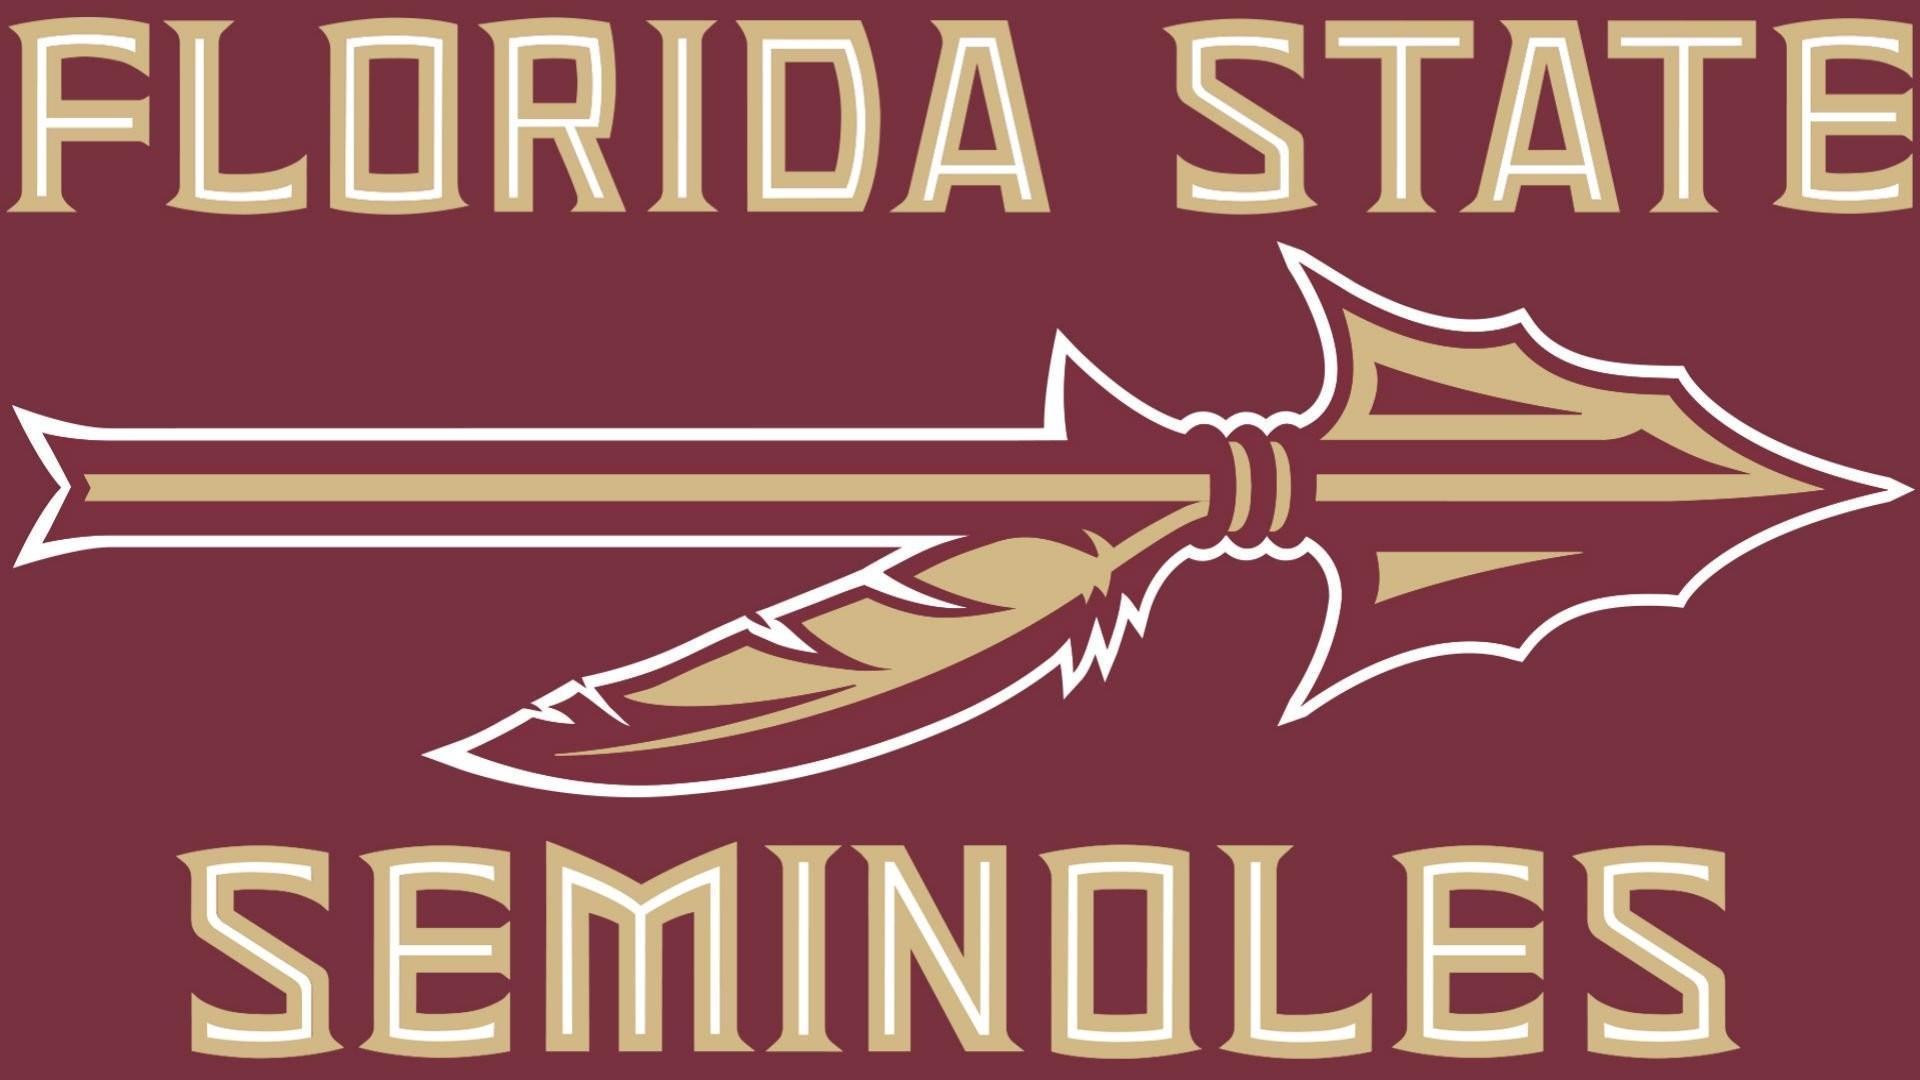 Seminoles Desktop Wallpapers Florida State Seminoles Florida State  Wallpaper Florida State Wallpapers Pixelstalk Florida State Wallpaper